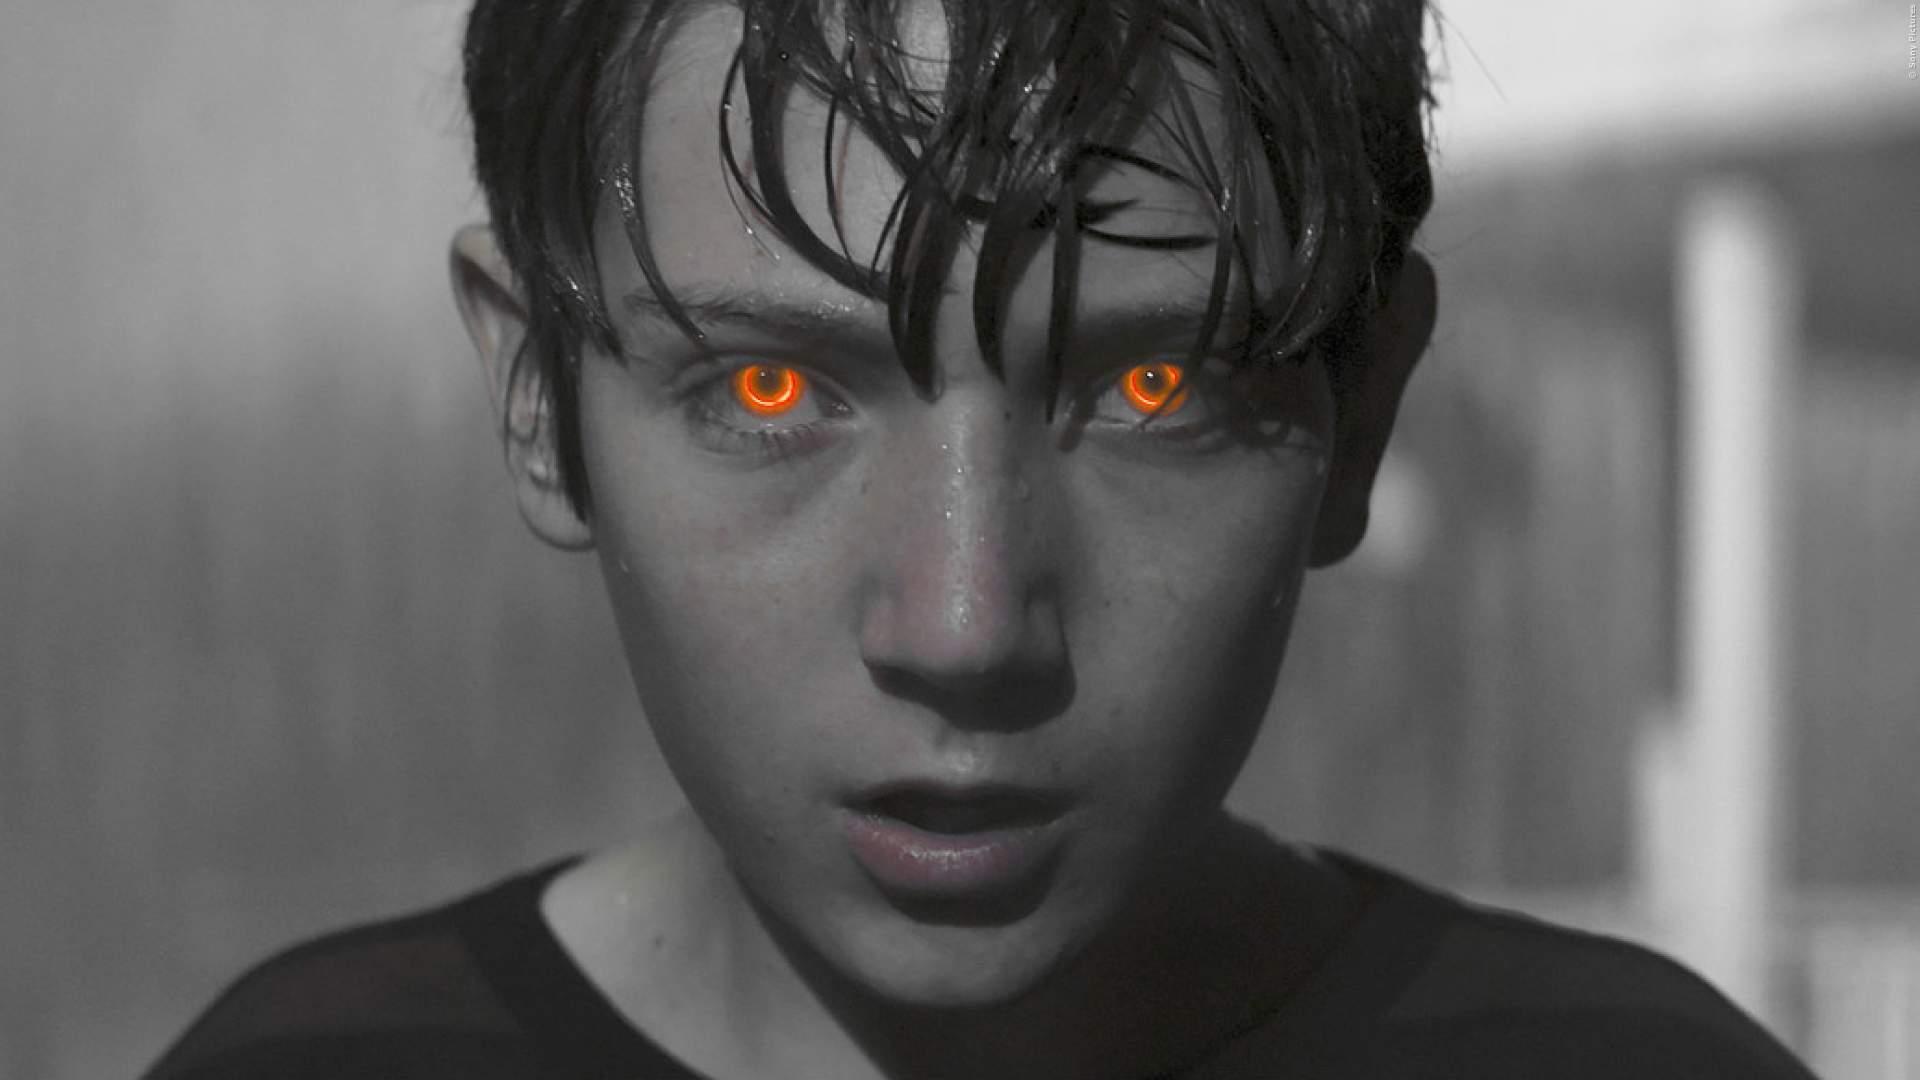 TRAILER: Junge aus dem All wird zu 'Suüperman' - Allerdings in Super-Böse